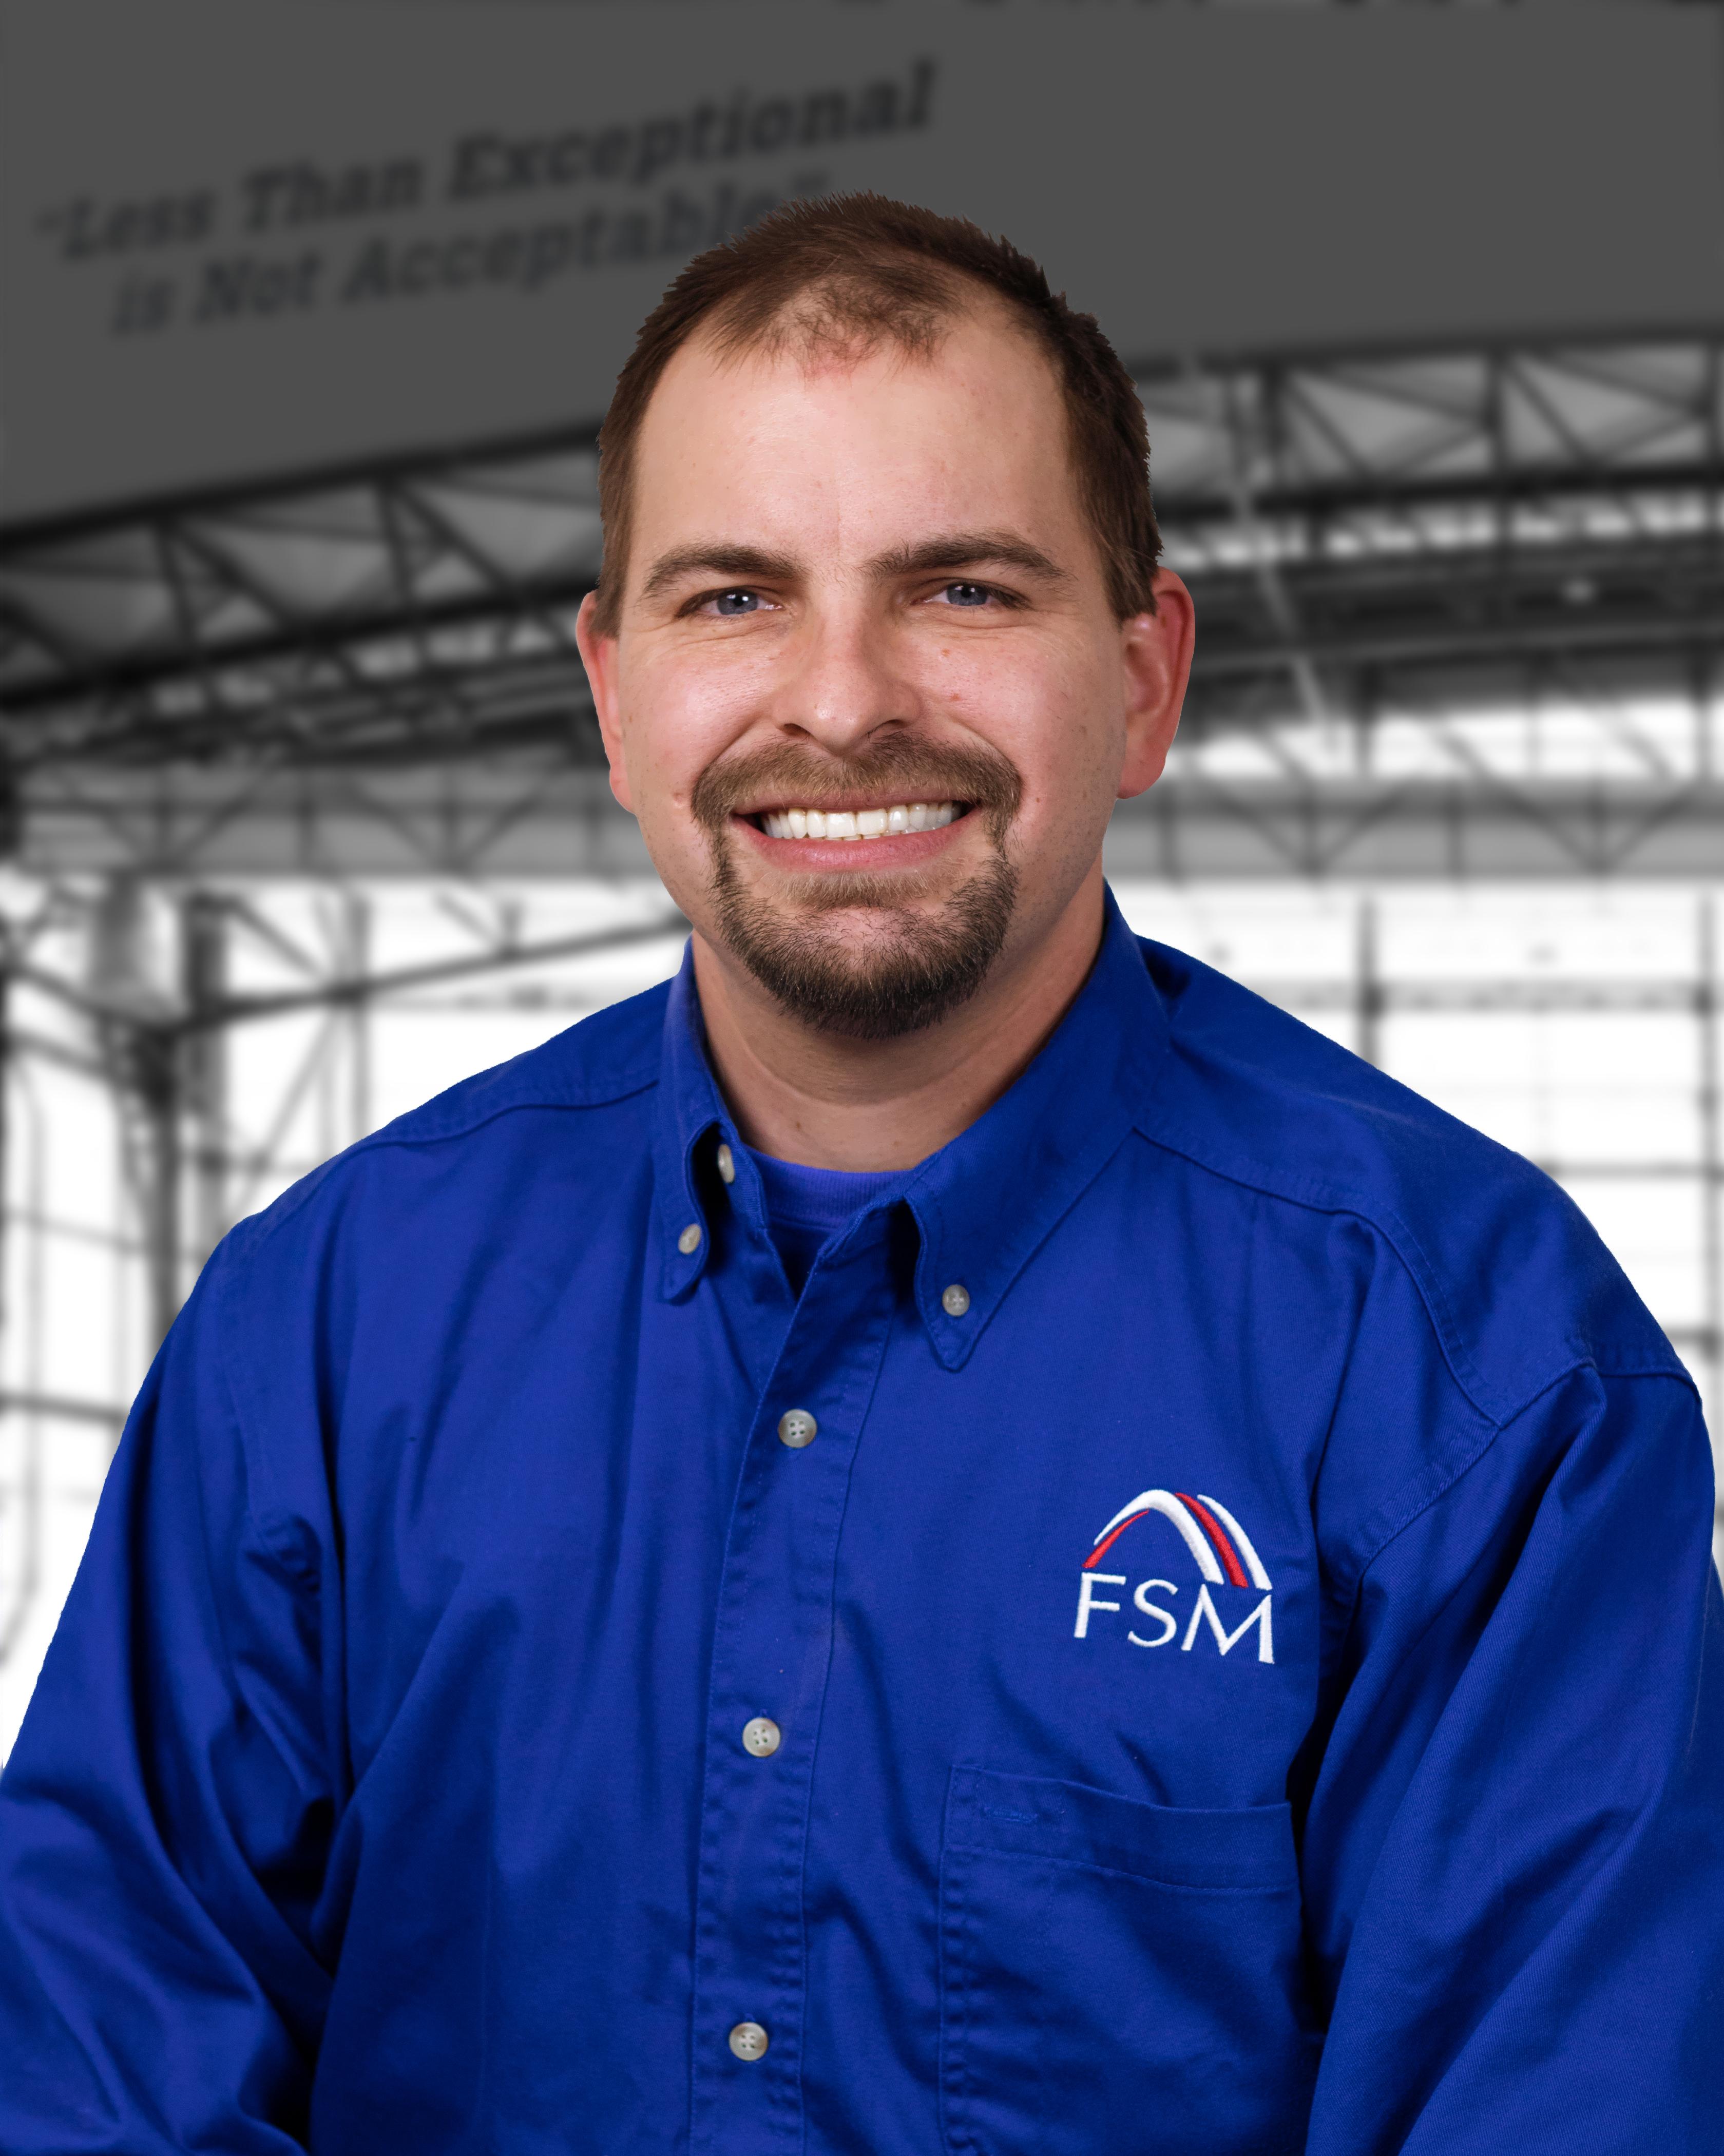 FSM Daniel Smykla Service Technician